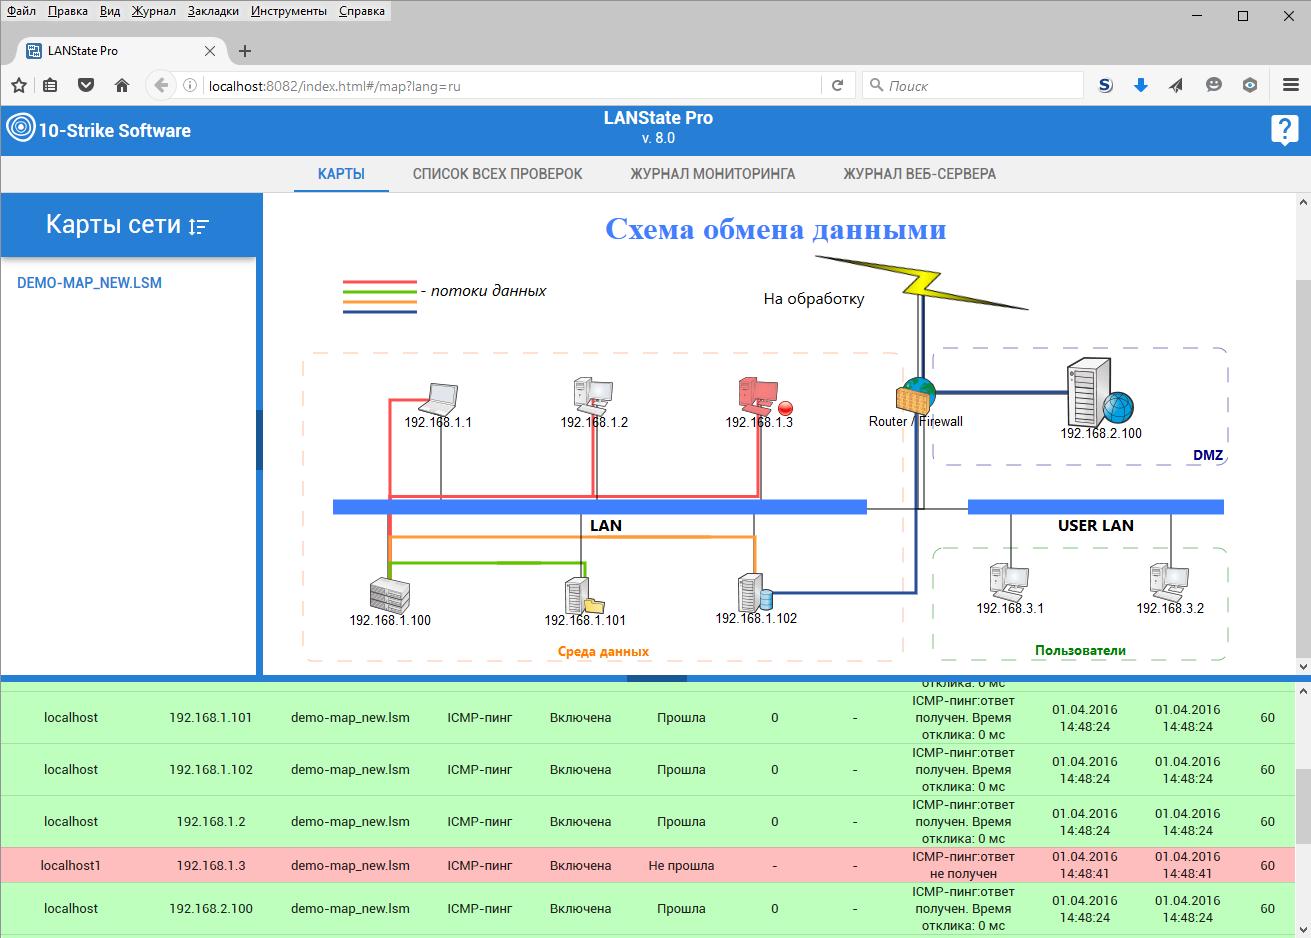 веб-карта состояния сети (схема xml) .